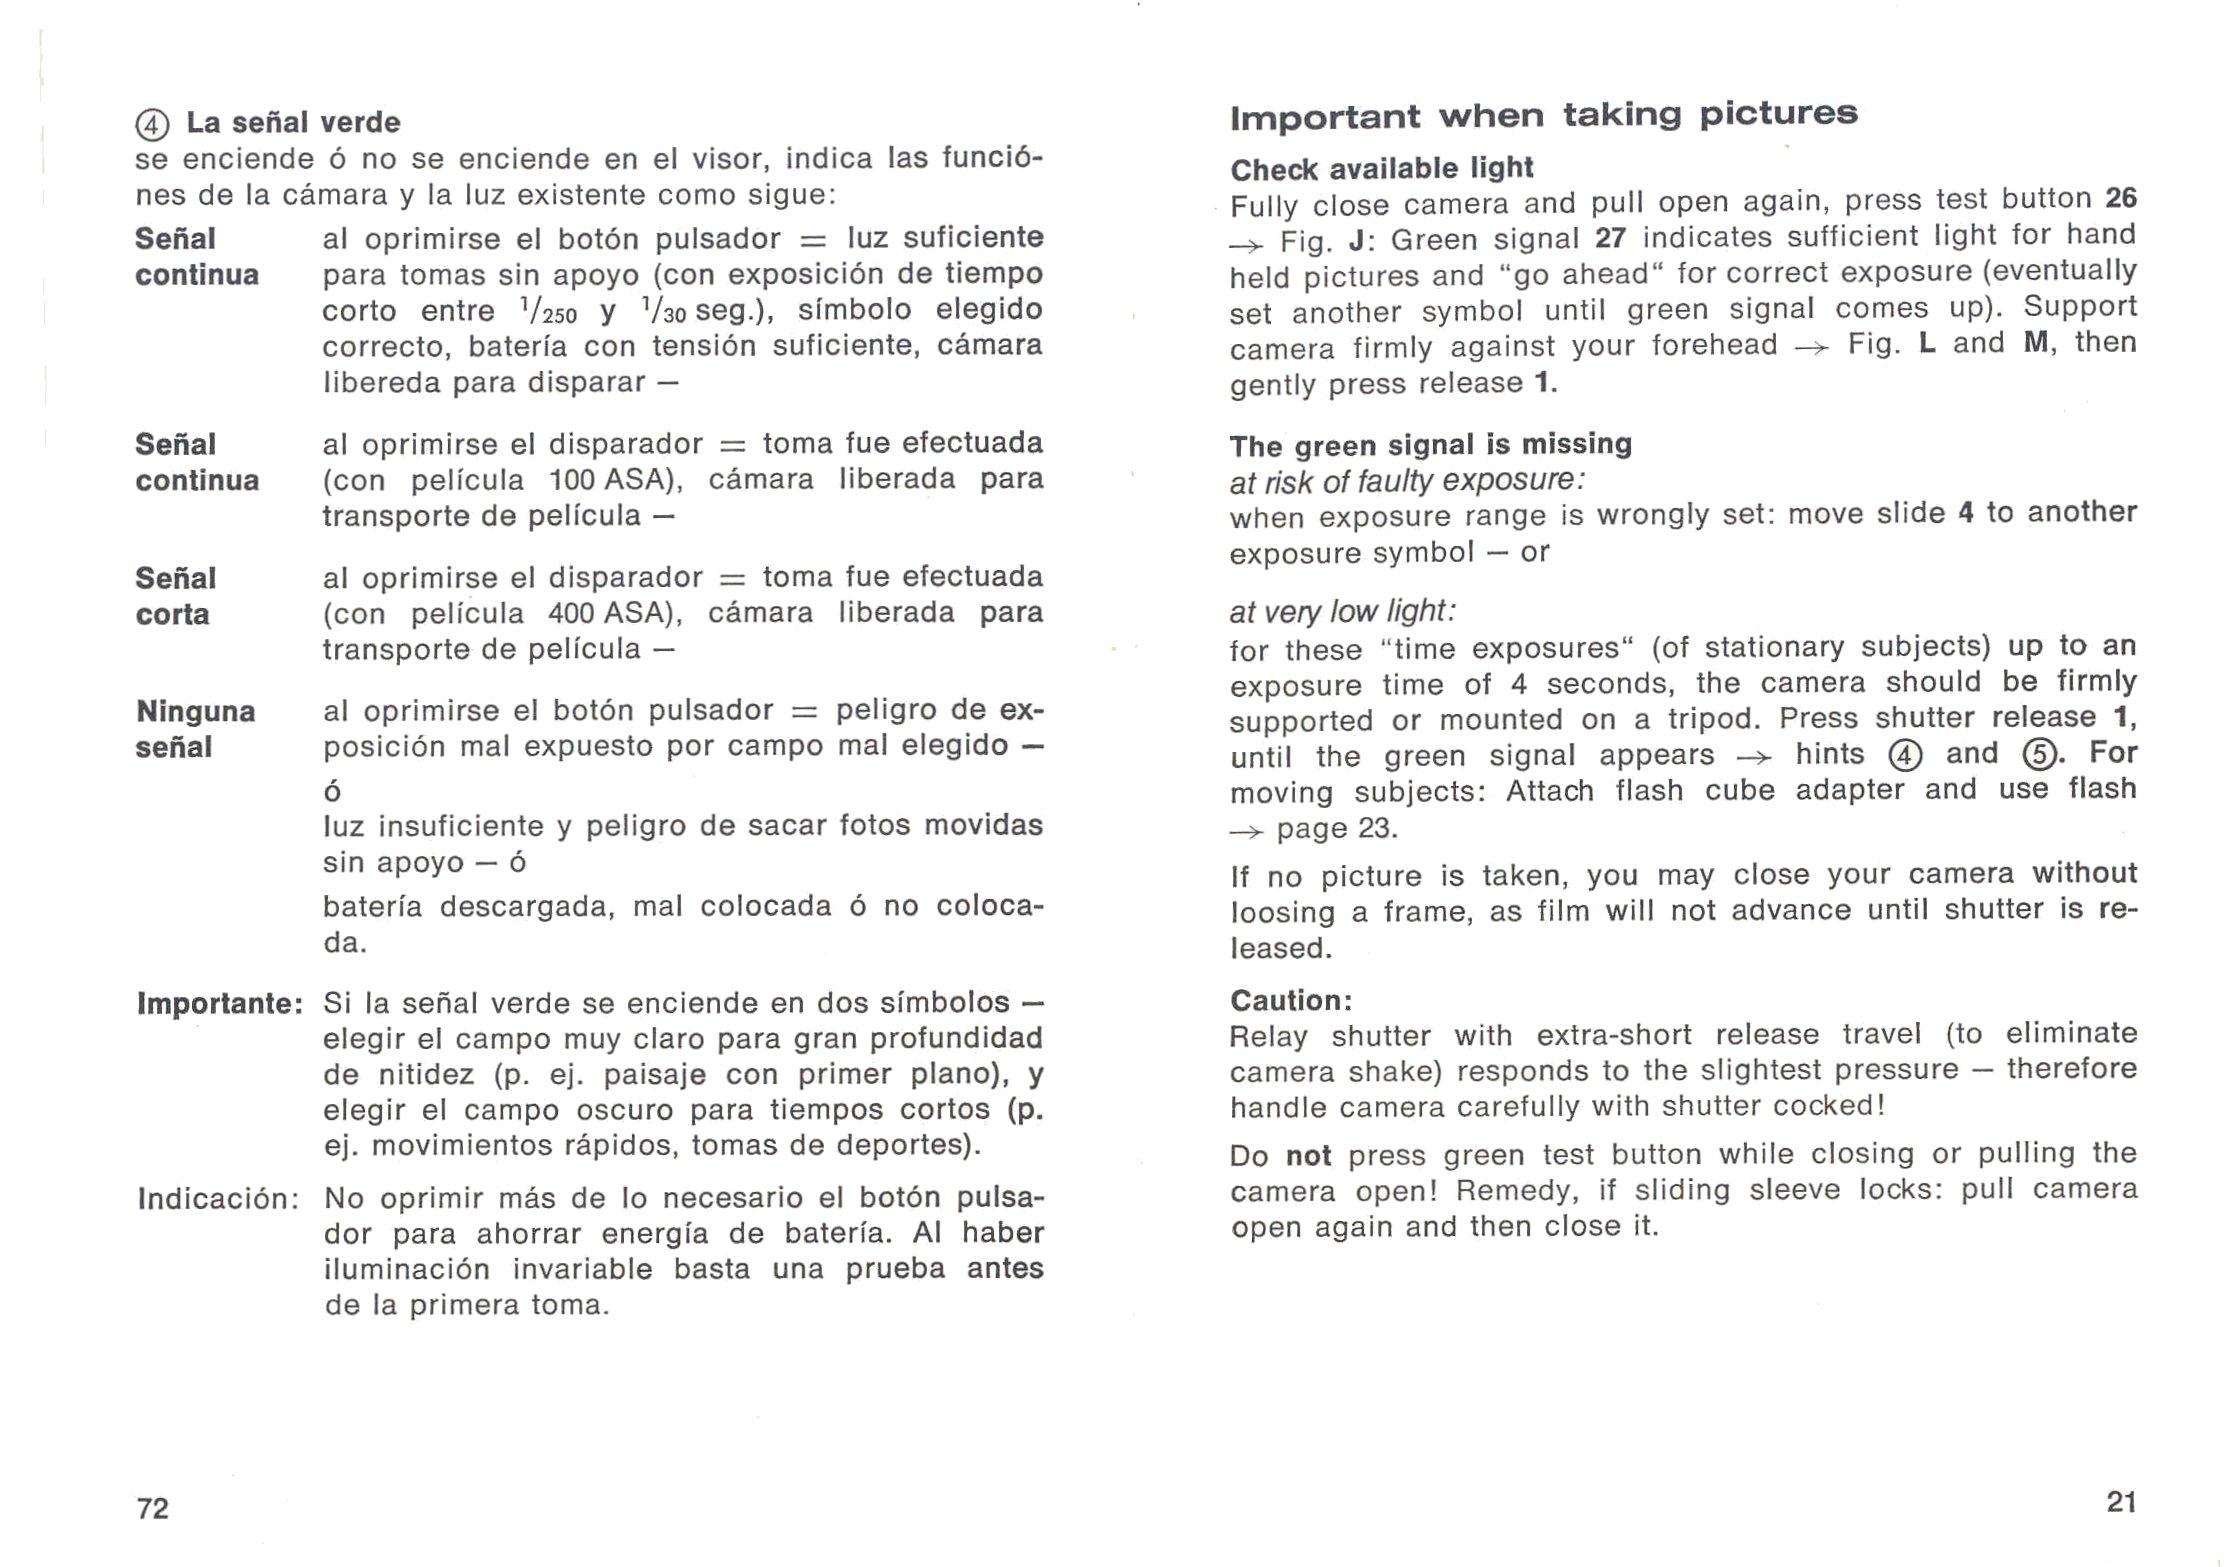 Großartig Musterwiederaufnahmeformat Für Lehrberuf Fotos - Entry ...